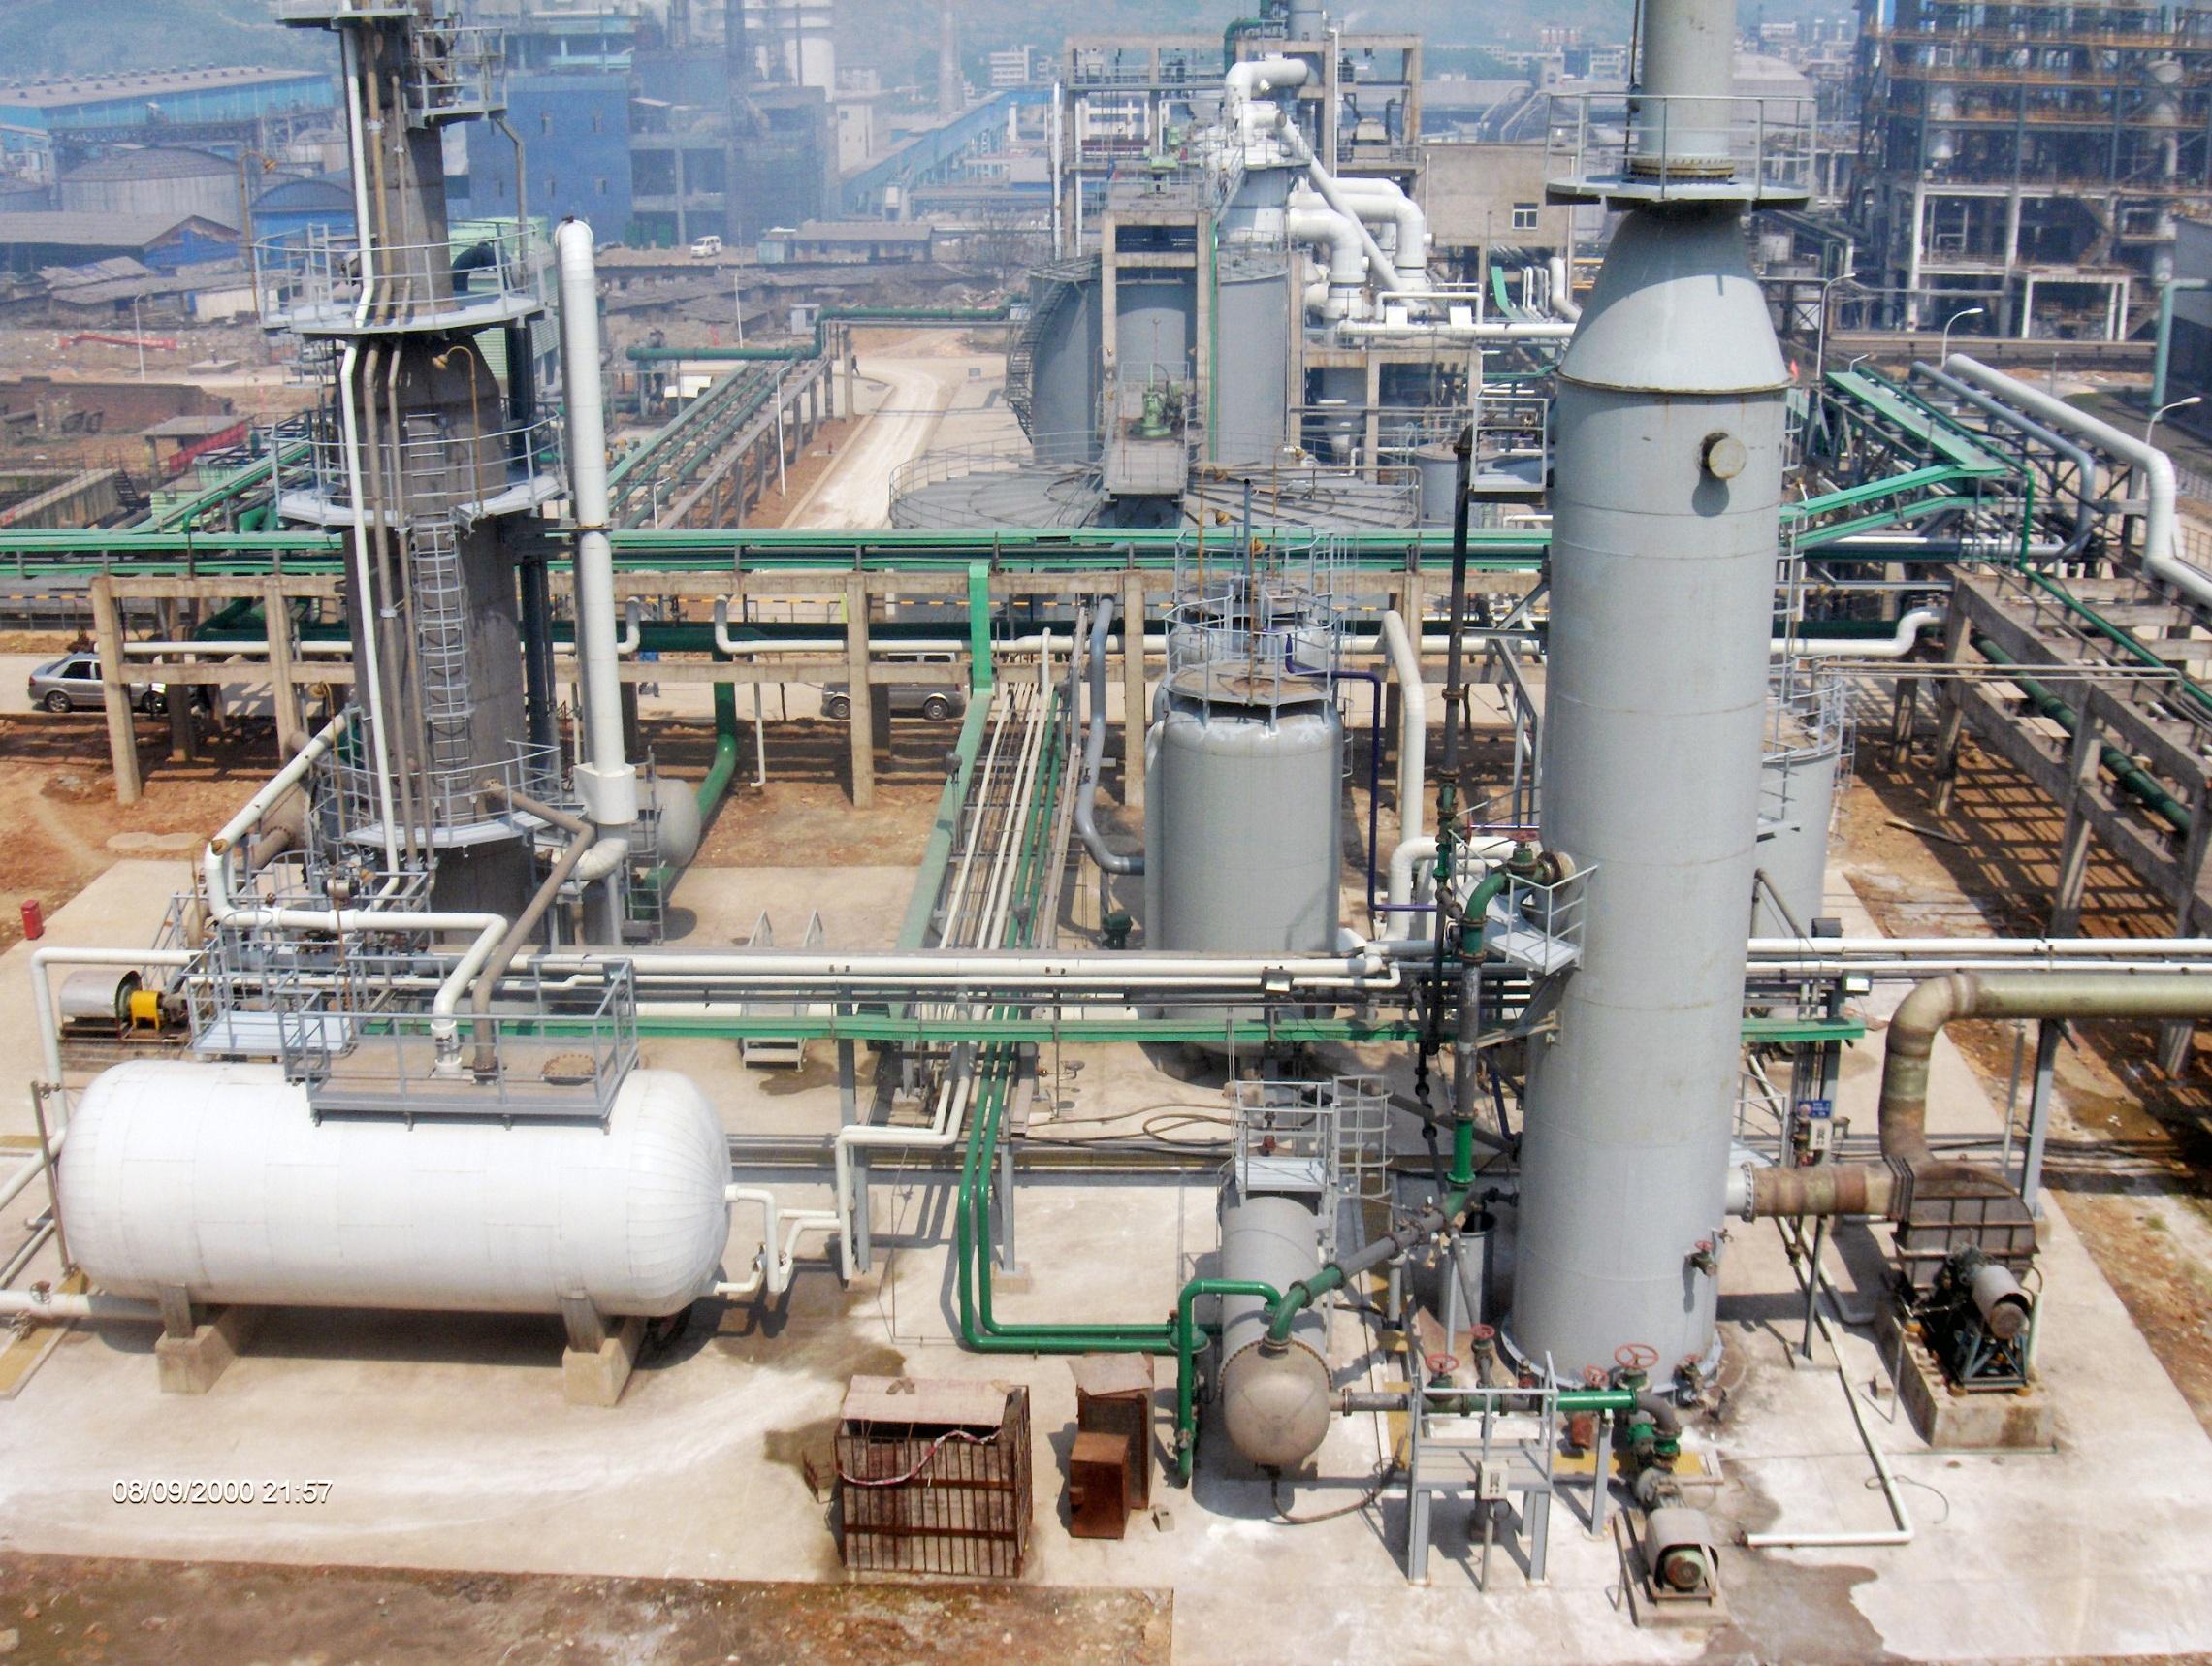 瓮福团体25万吨/年磷石膏制硫酸铵